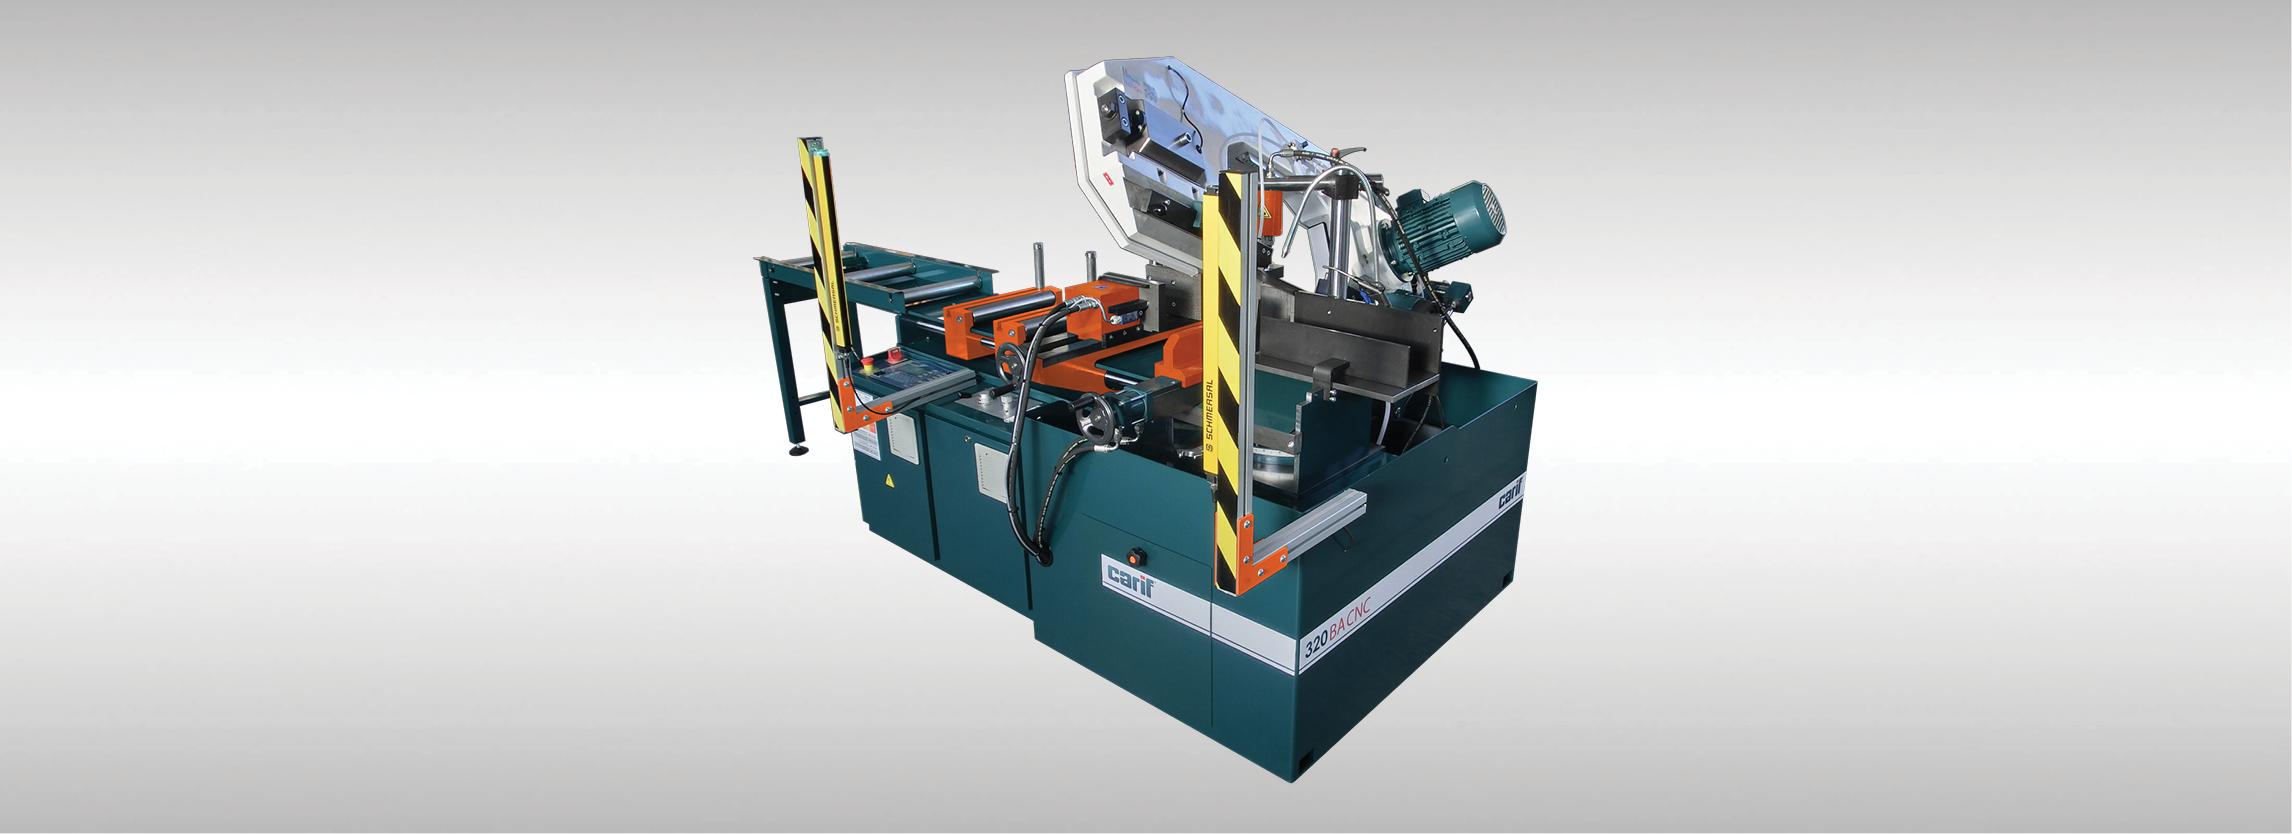 Carif 320 BA CNC slide 01